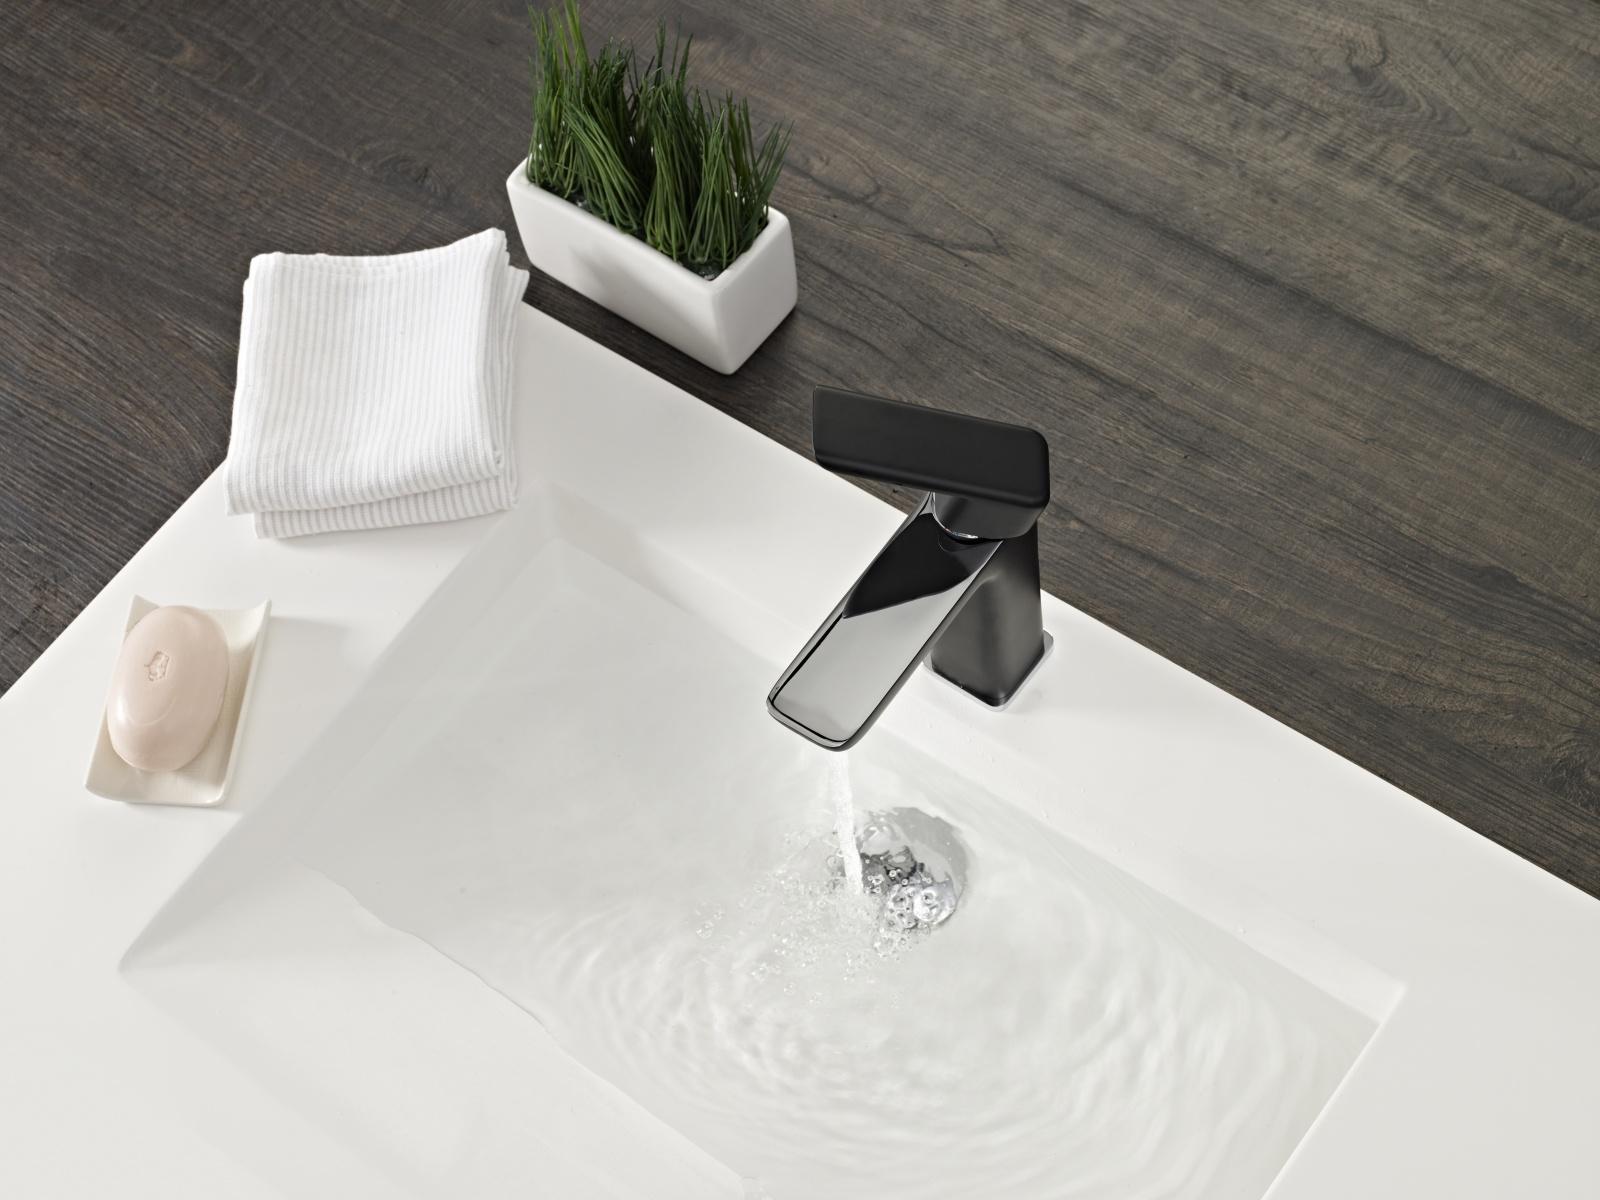 teka design armatur schwarz und chrom wasserhahn mischbatterie einhebelmischer ebay. Black Bedroom Furniture Sets. Home Design Ideas